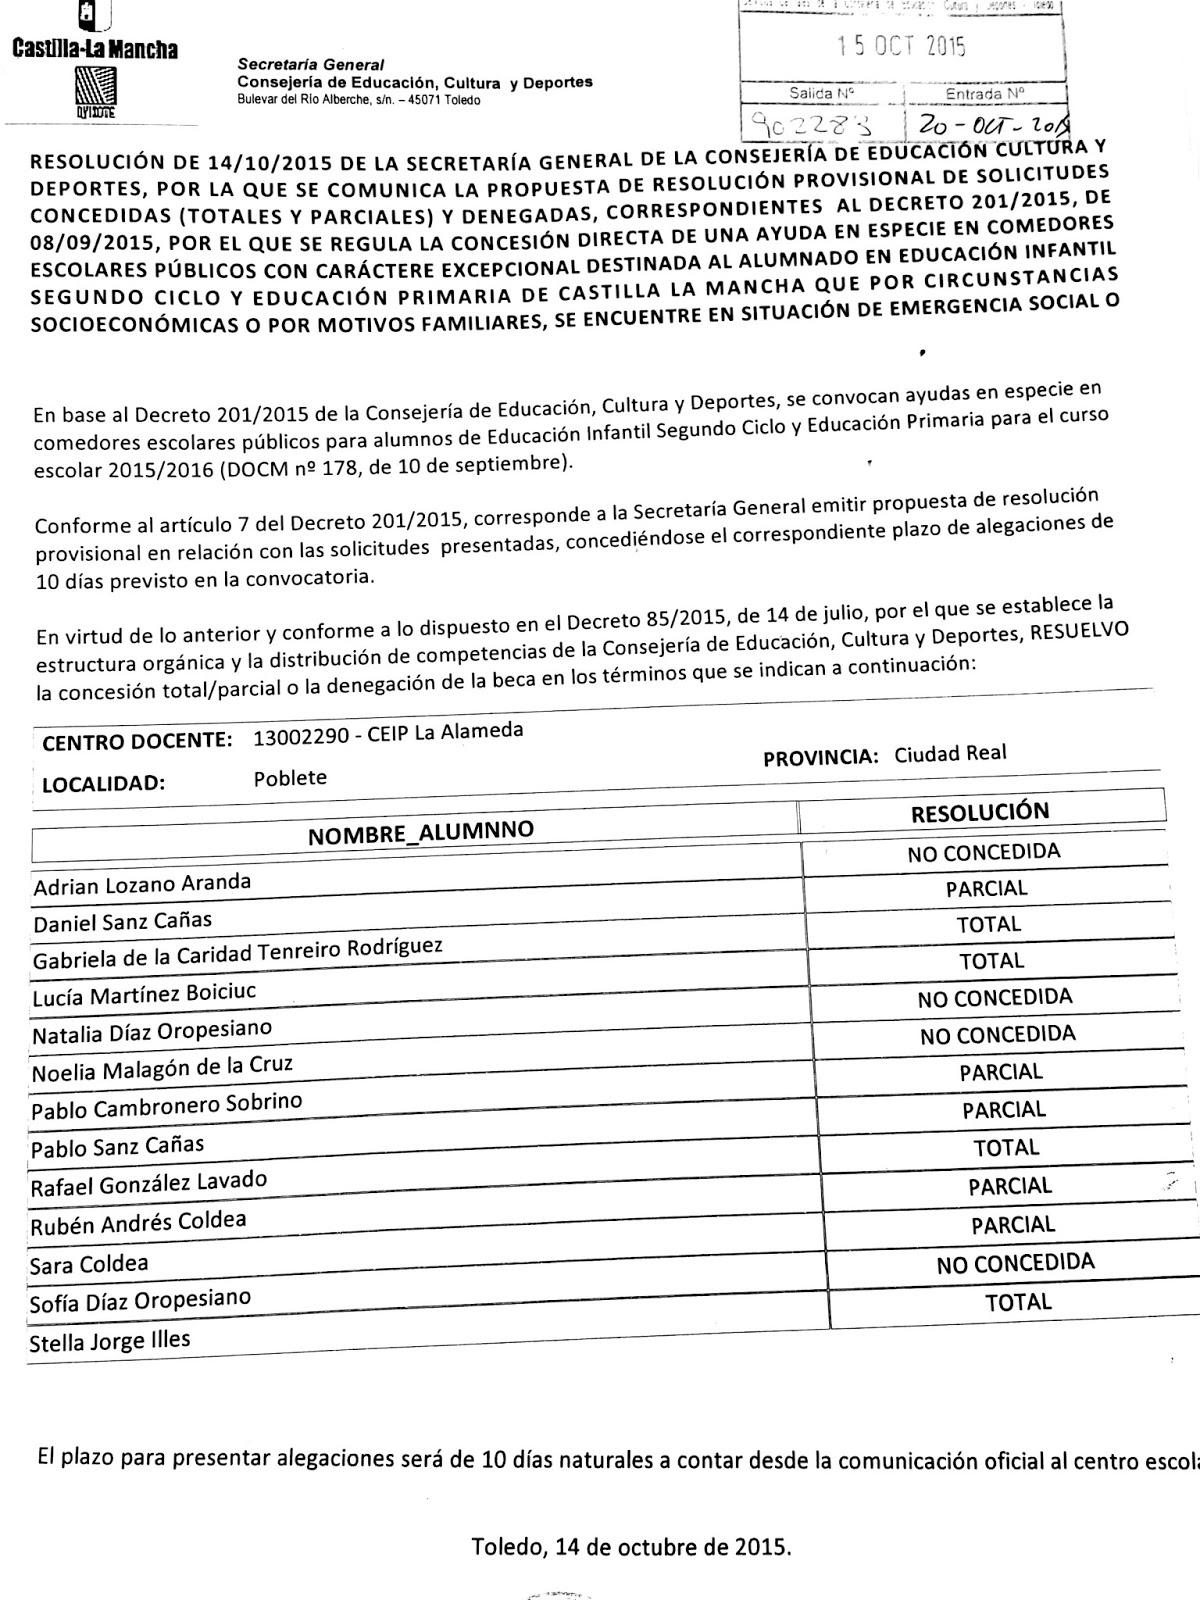 C.E.I.P. LA ALAMEDA: LISTADO PROVISIONAL DE AYUDAS EN ESPECIE DE ...